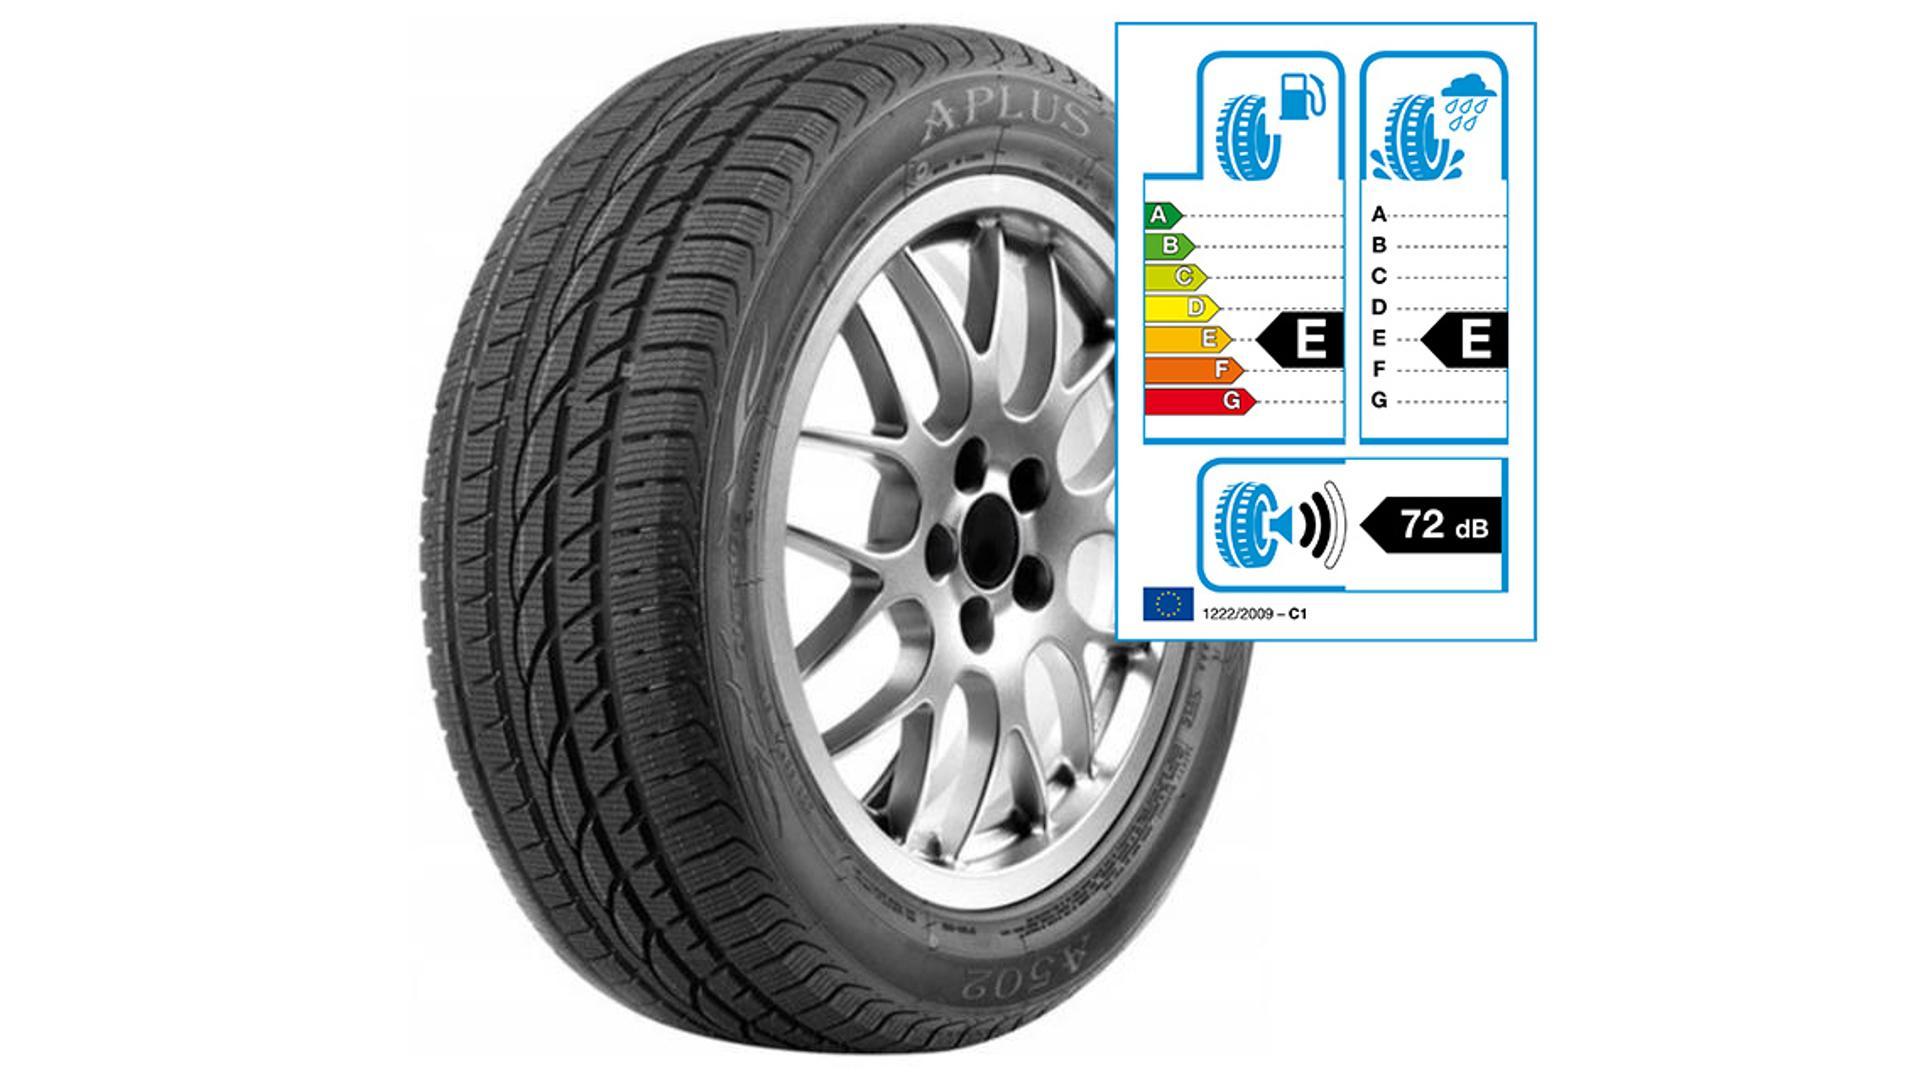 A502 Zimná pneumatika 195/65R15 91H